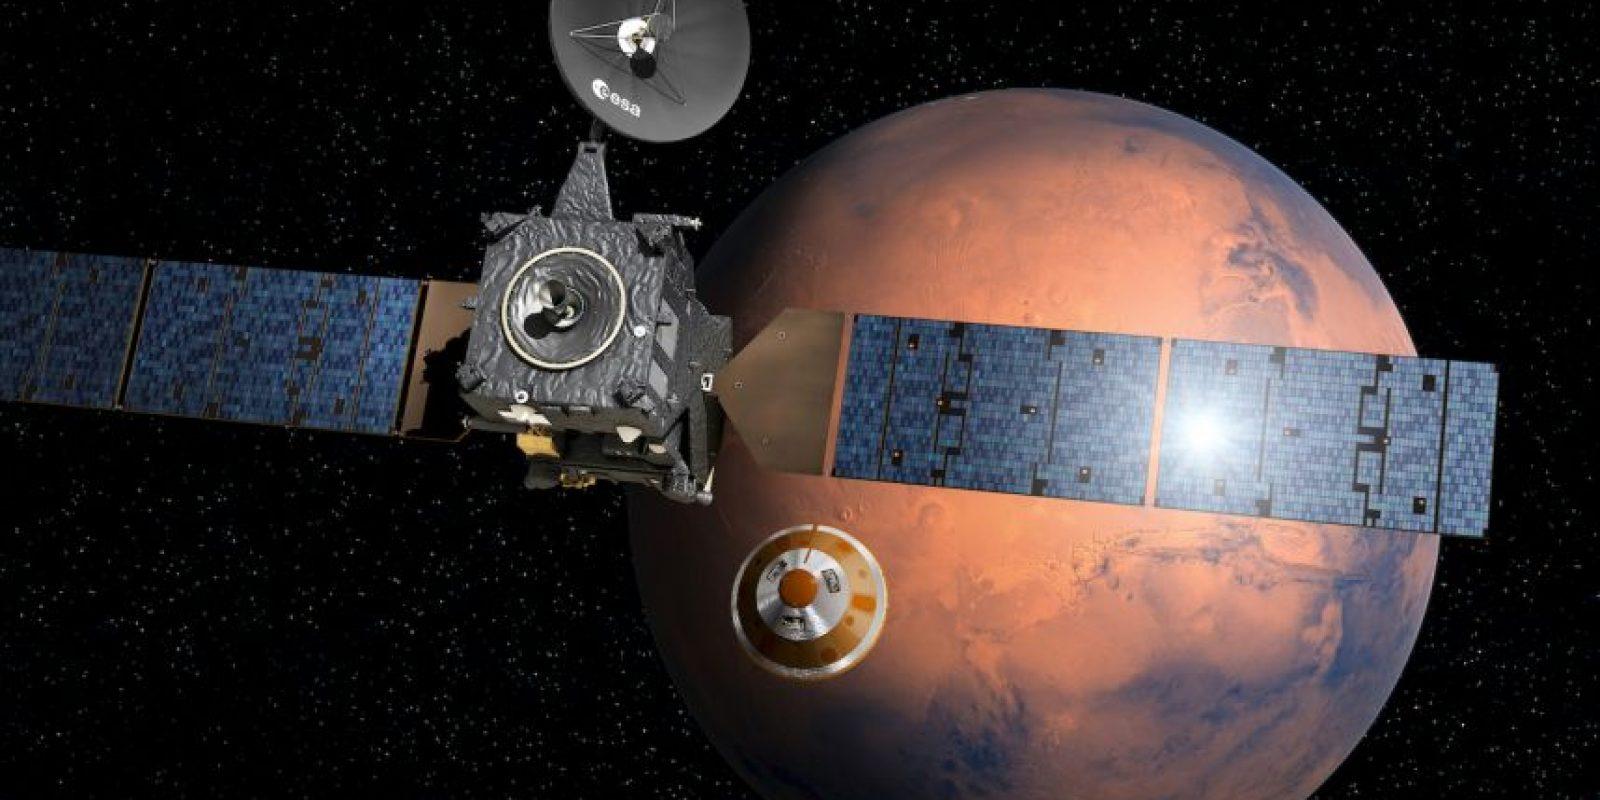 La ESA espera poner un explorador en suelo marciano, similar al Curiosity Foto:AFP